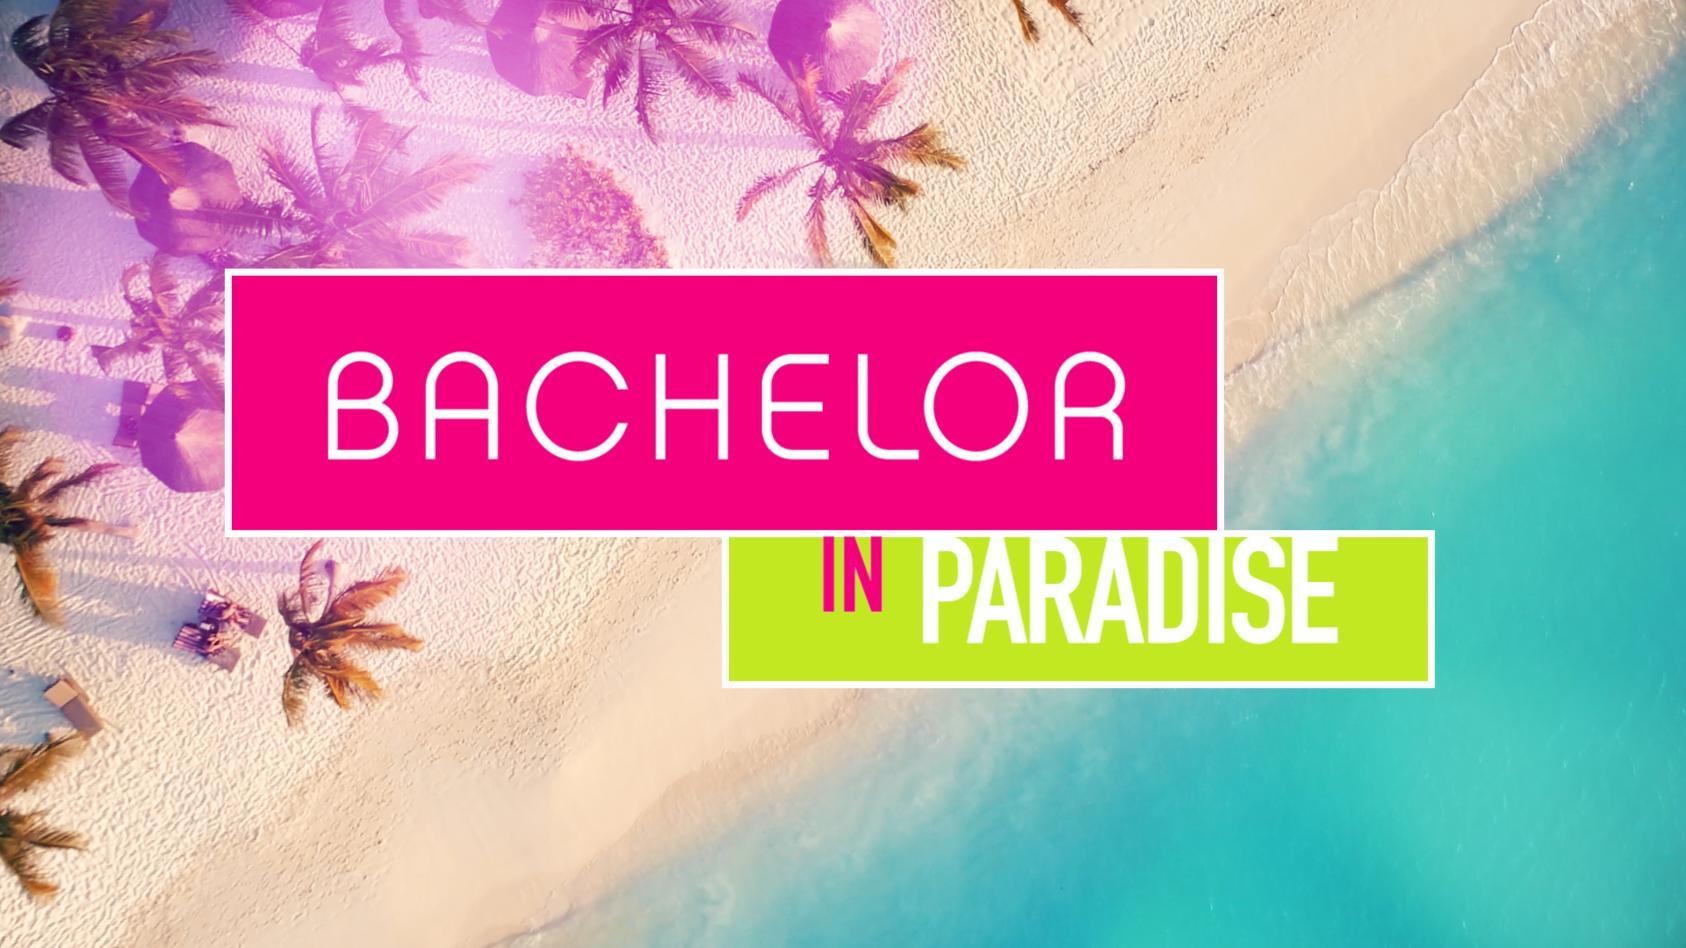 bachelor-in-paradise-sneek-peek-die-ersten-30-minuten-der-neuen-staffel